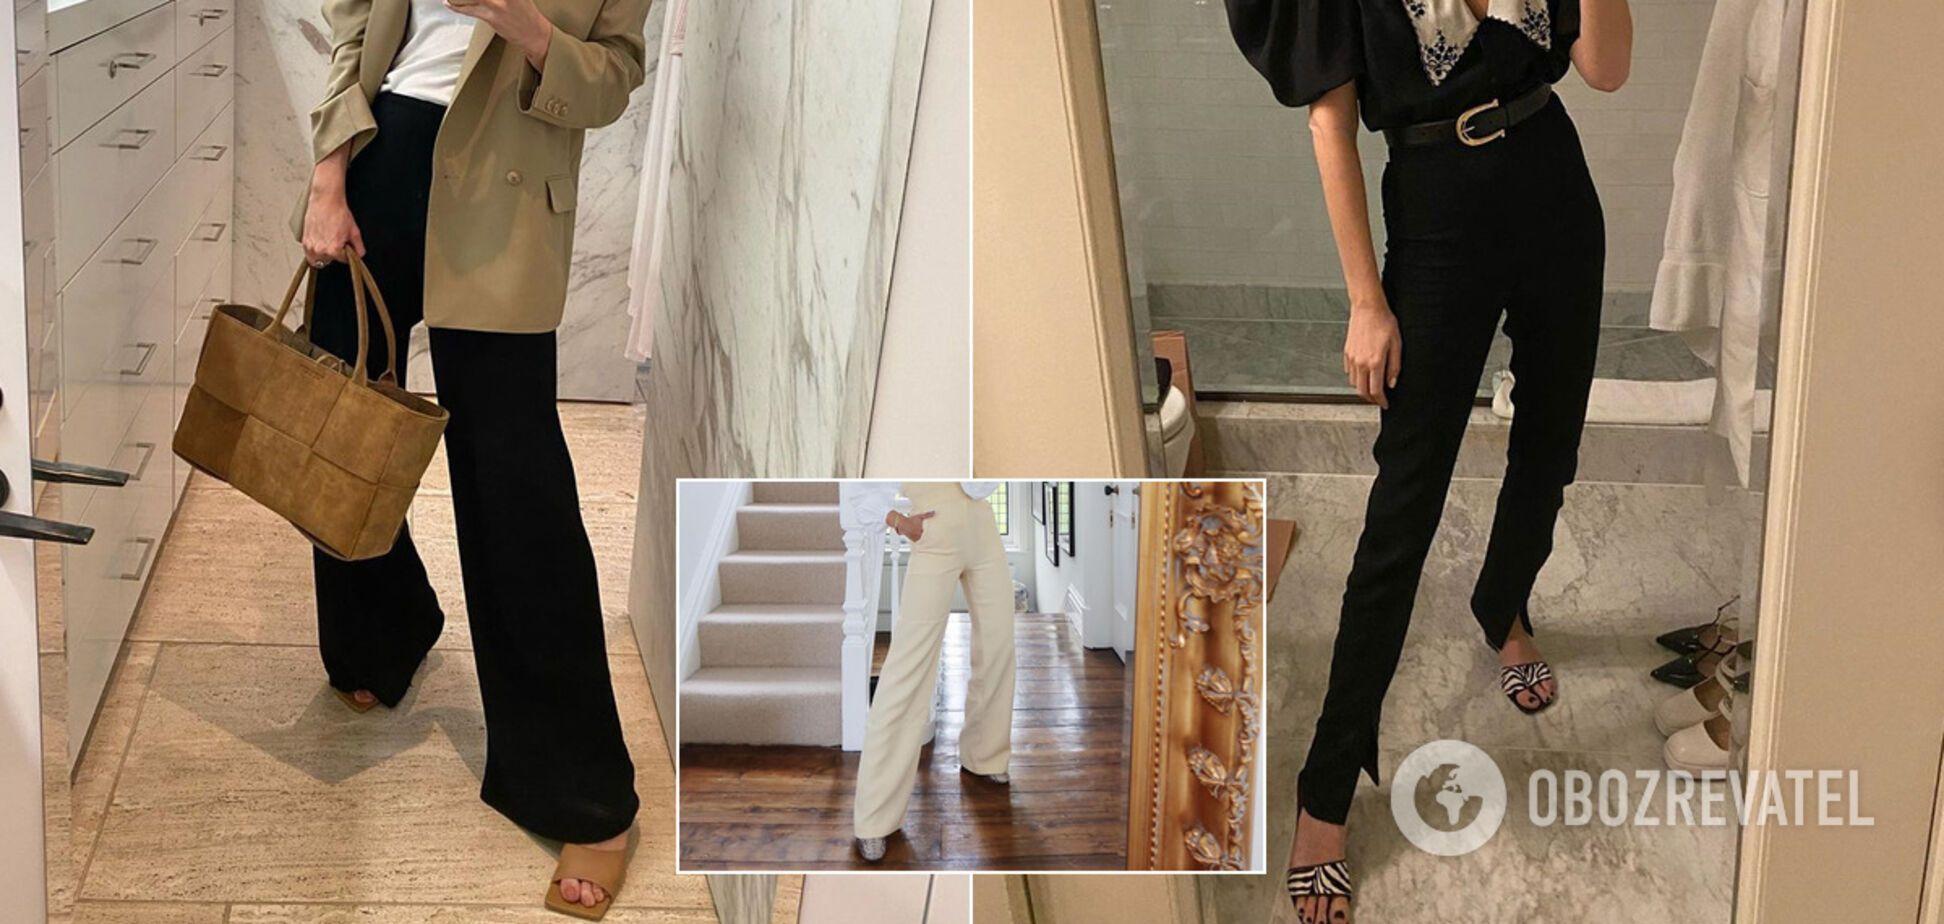 'Удлиняющая' ноги поза для фото: в сети набирает популярности новый тренд